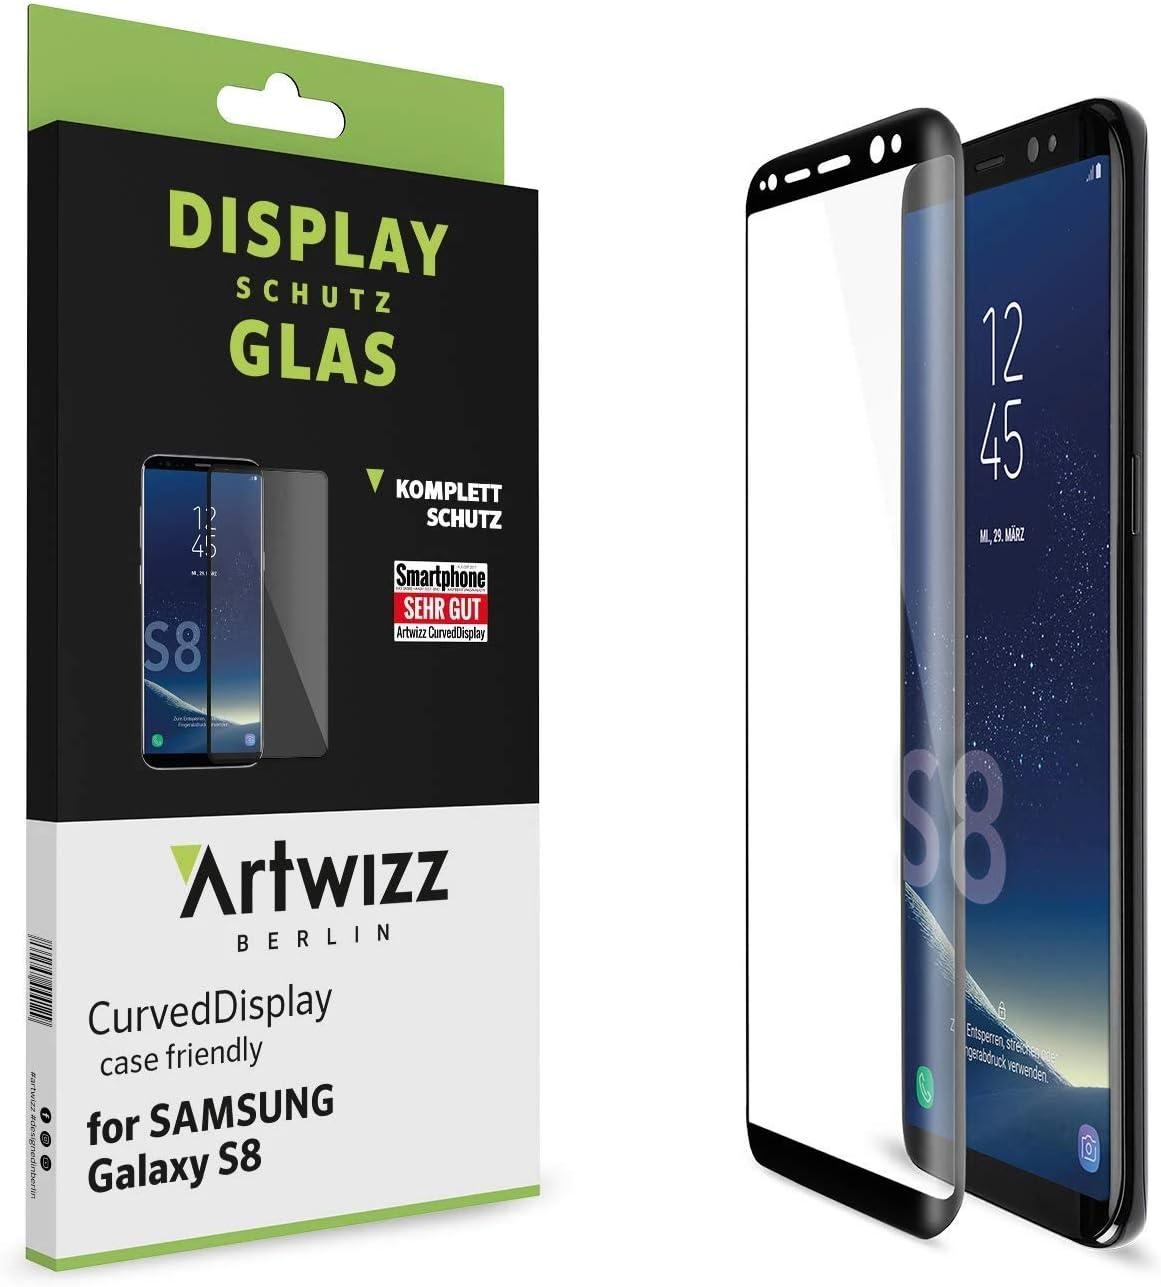 Artwizz Curveddisplay Schutzglas Designed Für Elektronik